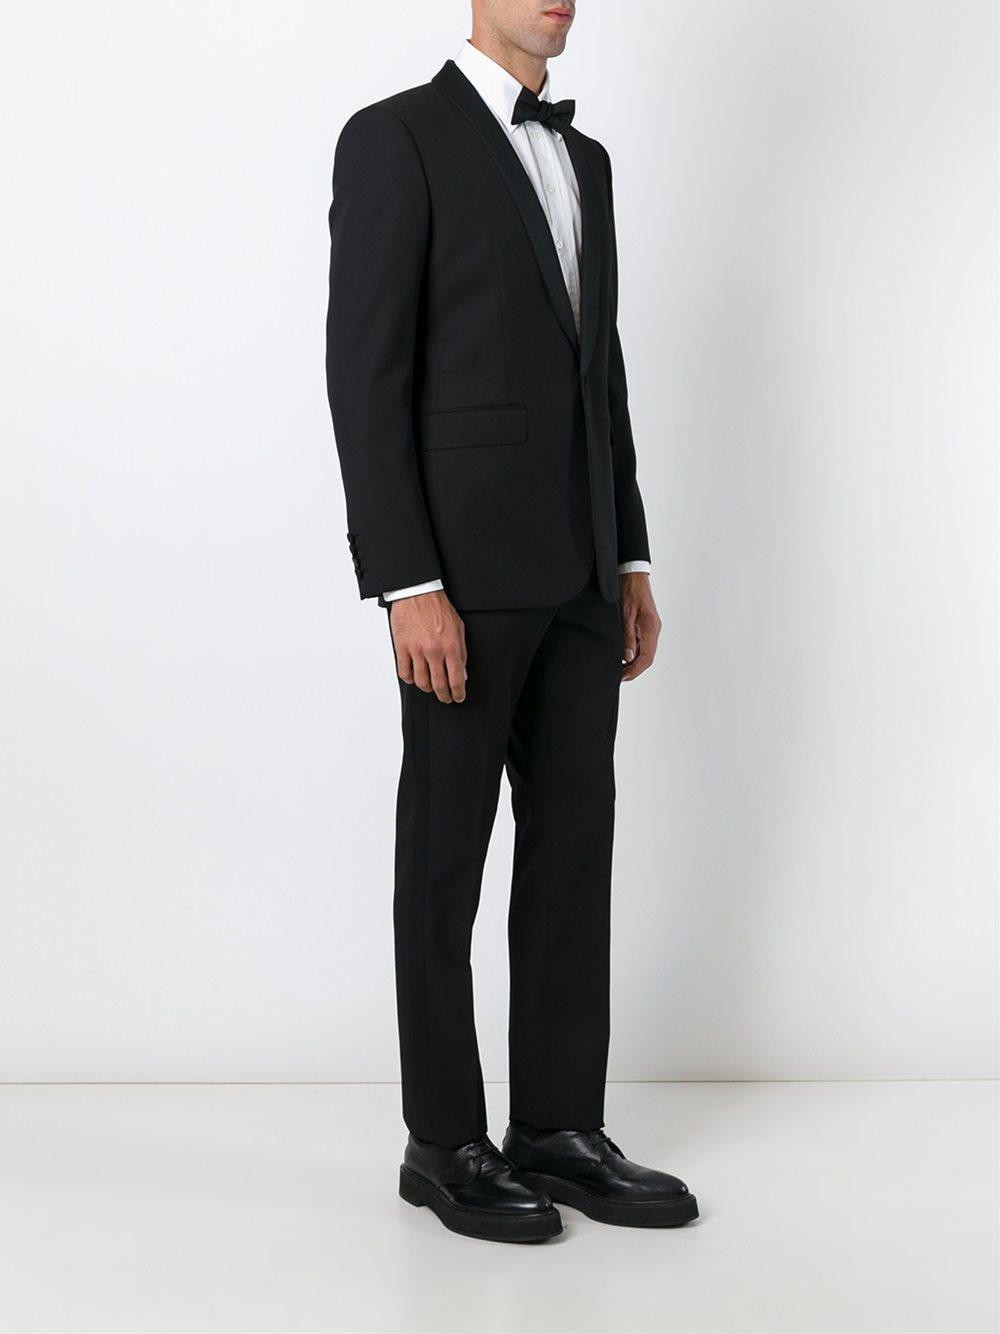 saint-laurent-iconic-le-smoking-suit-3